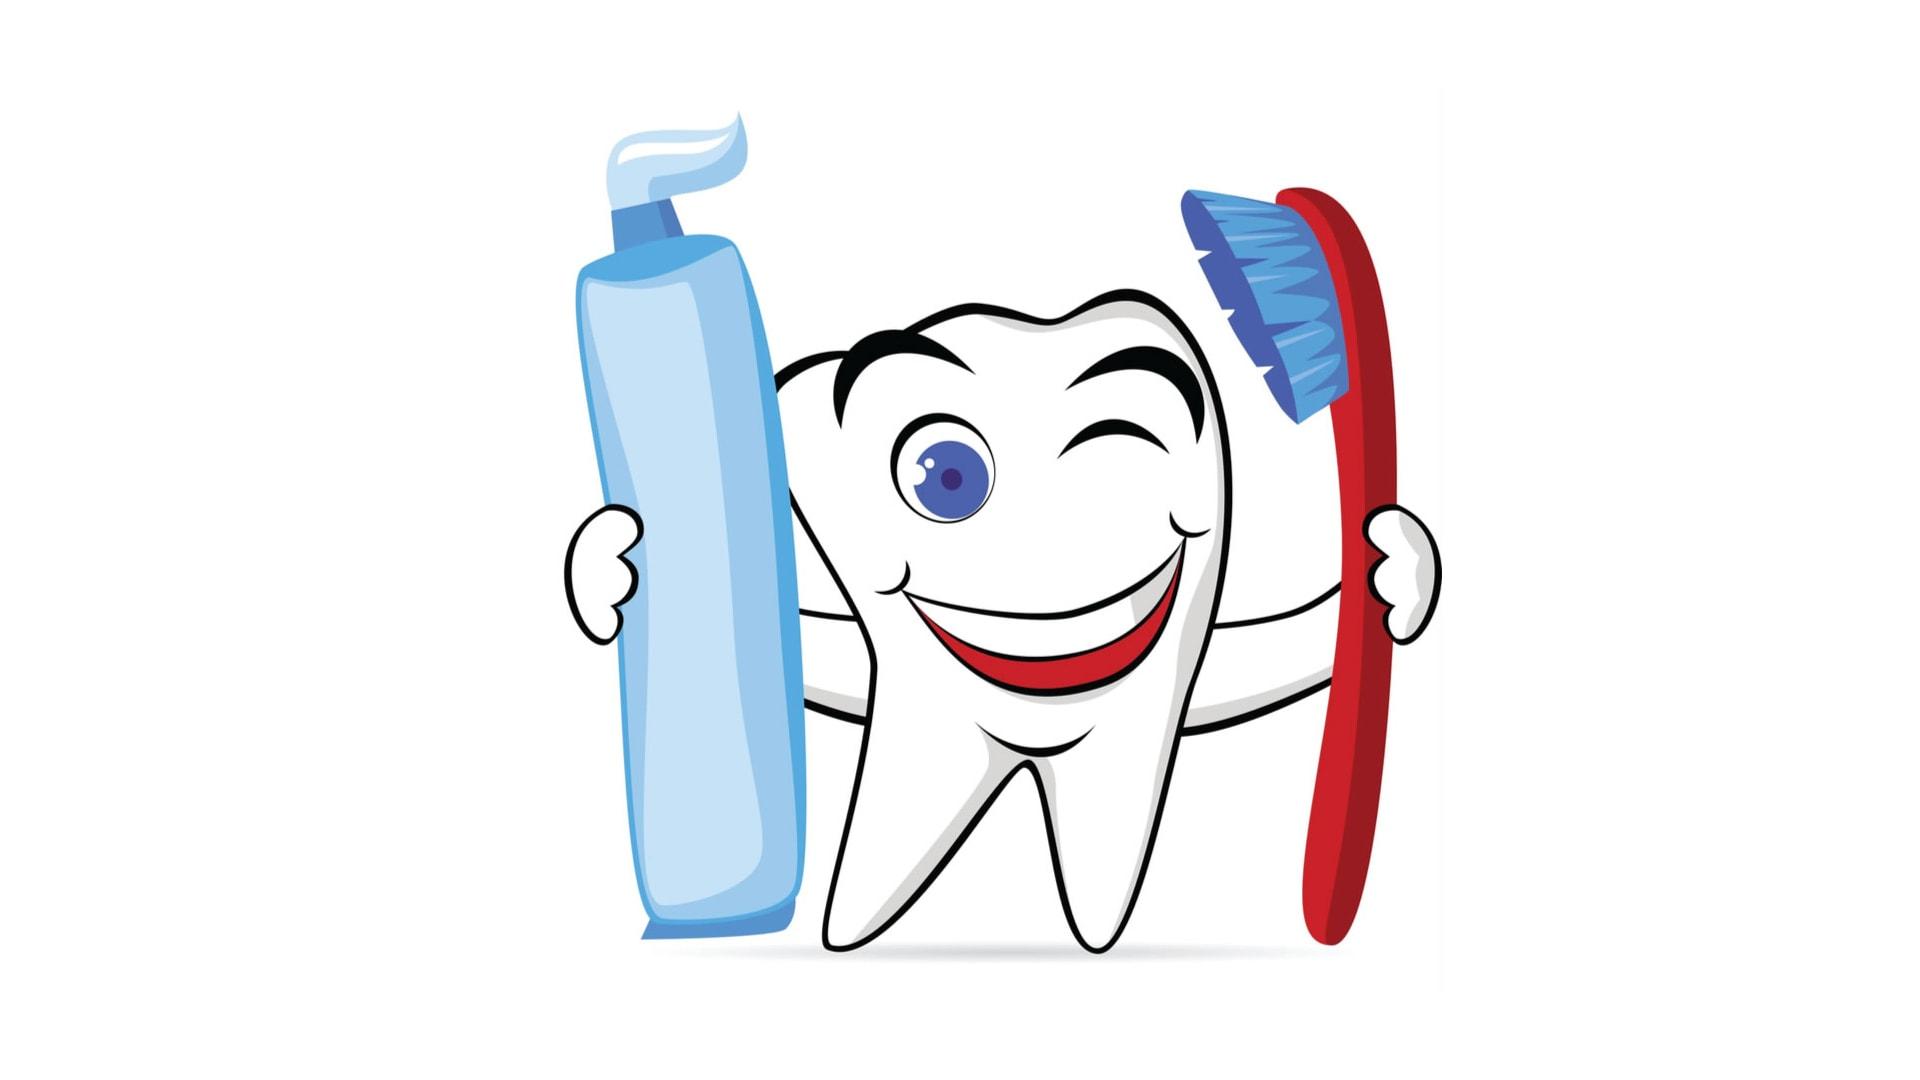 Redovito-odrzavanje-higijene-kod-djece-je-od-velike-vaznosti-Viadent-Rijeka